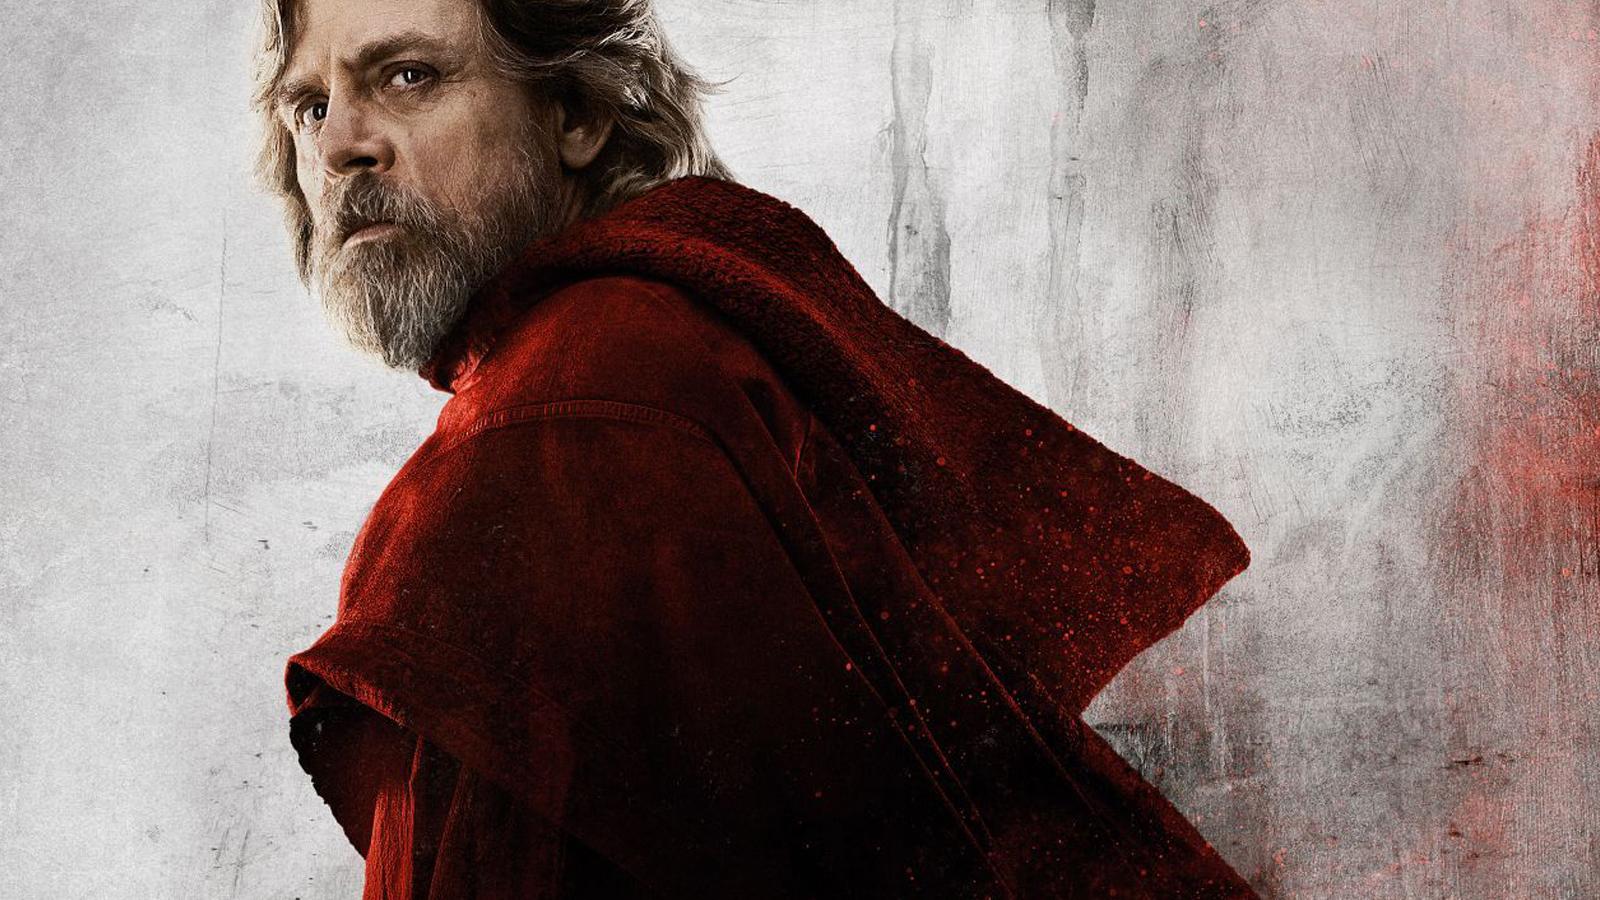 Poruka Marka Hamila Džedajskom pokretu: Divno je što Star Wars i dalje inspiriše ljude